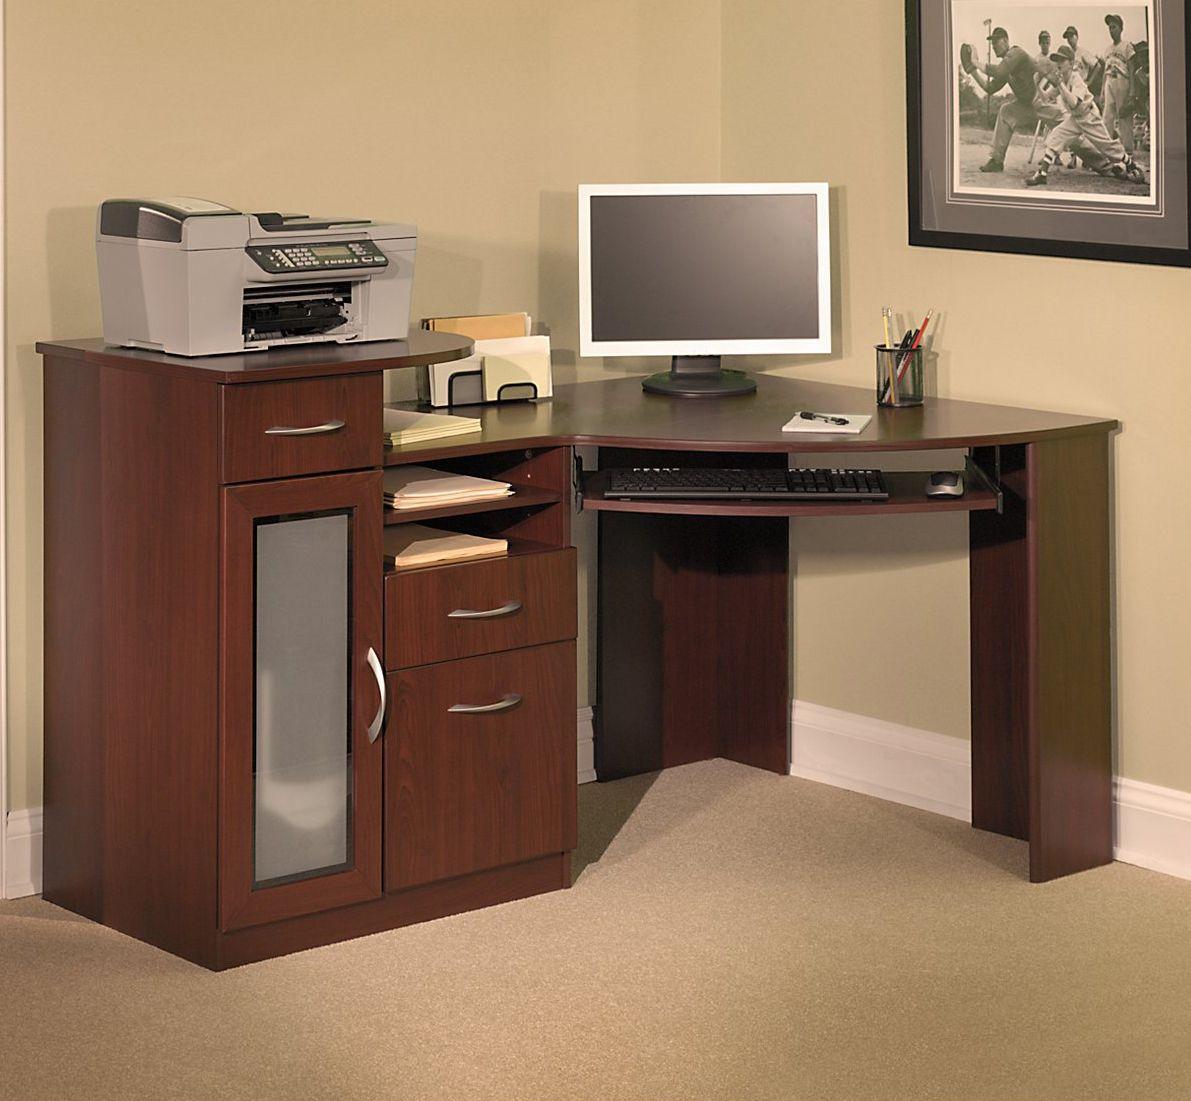 Single Post Computer Desks For Home Home Desk Computer Desk